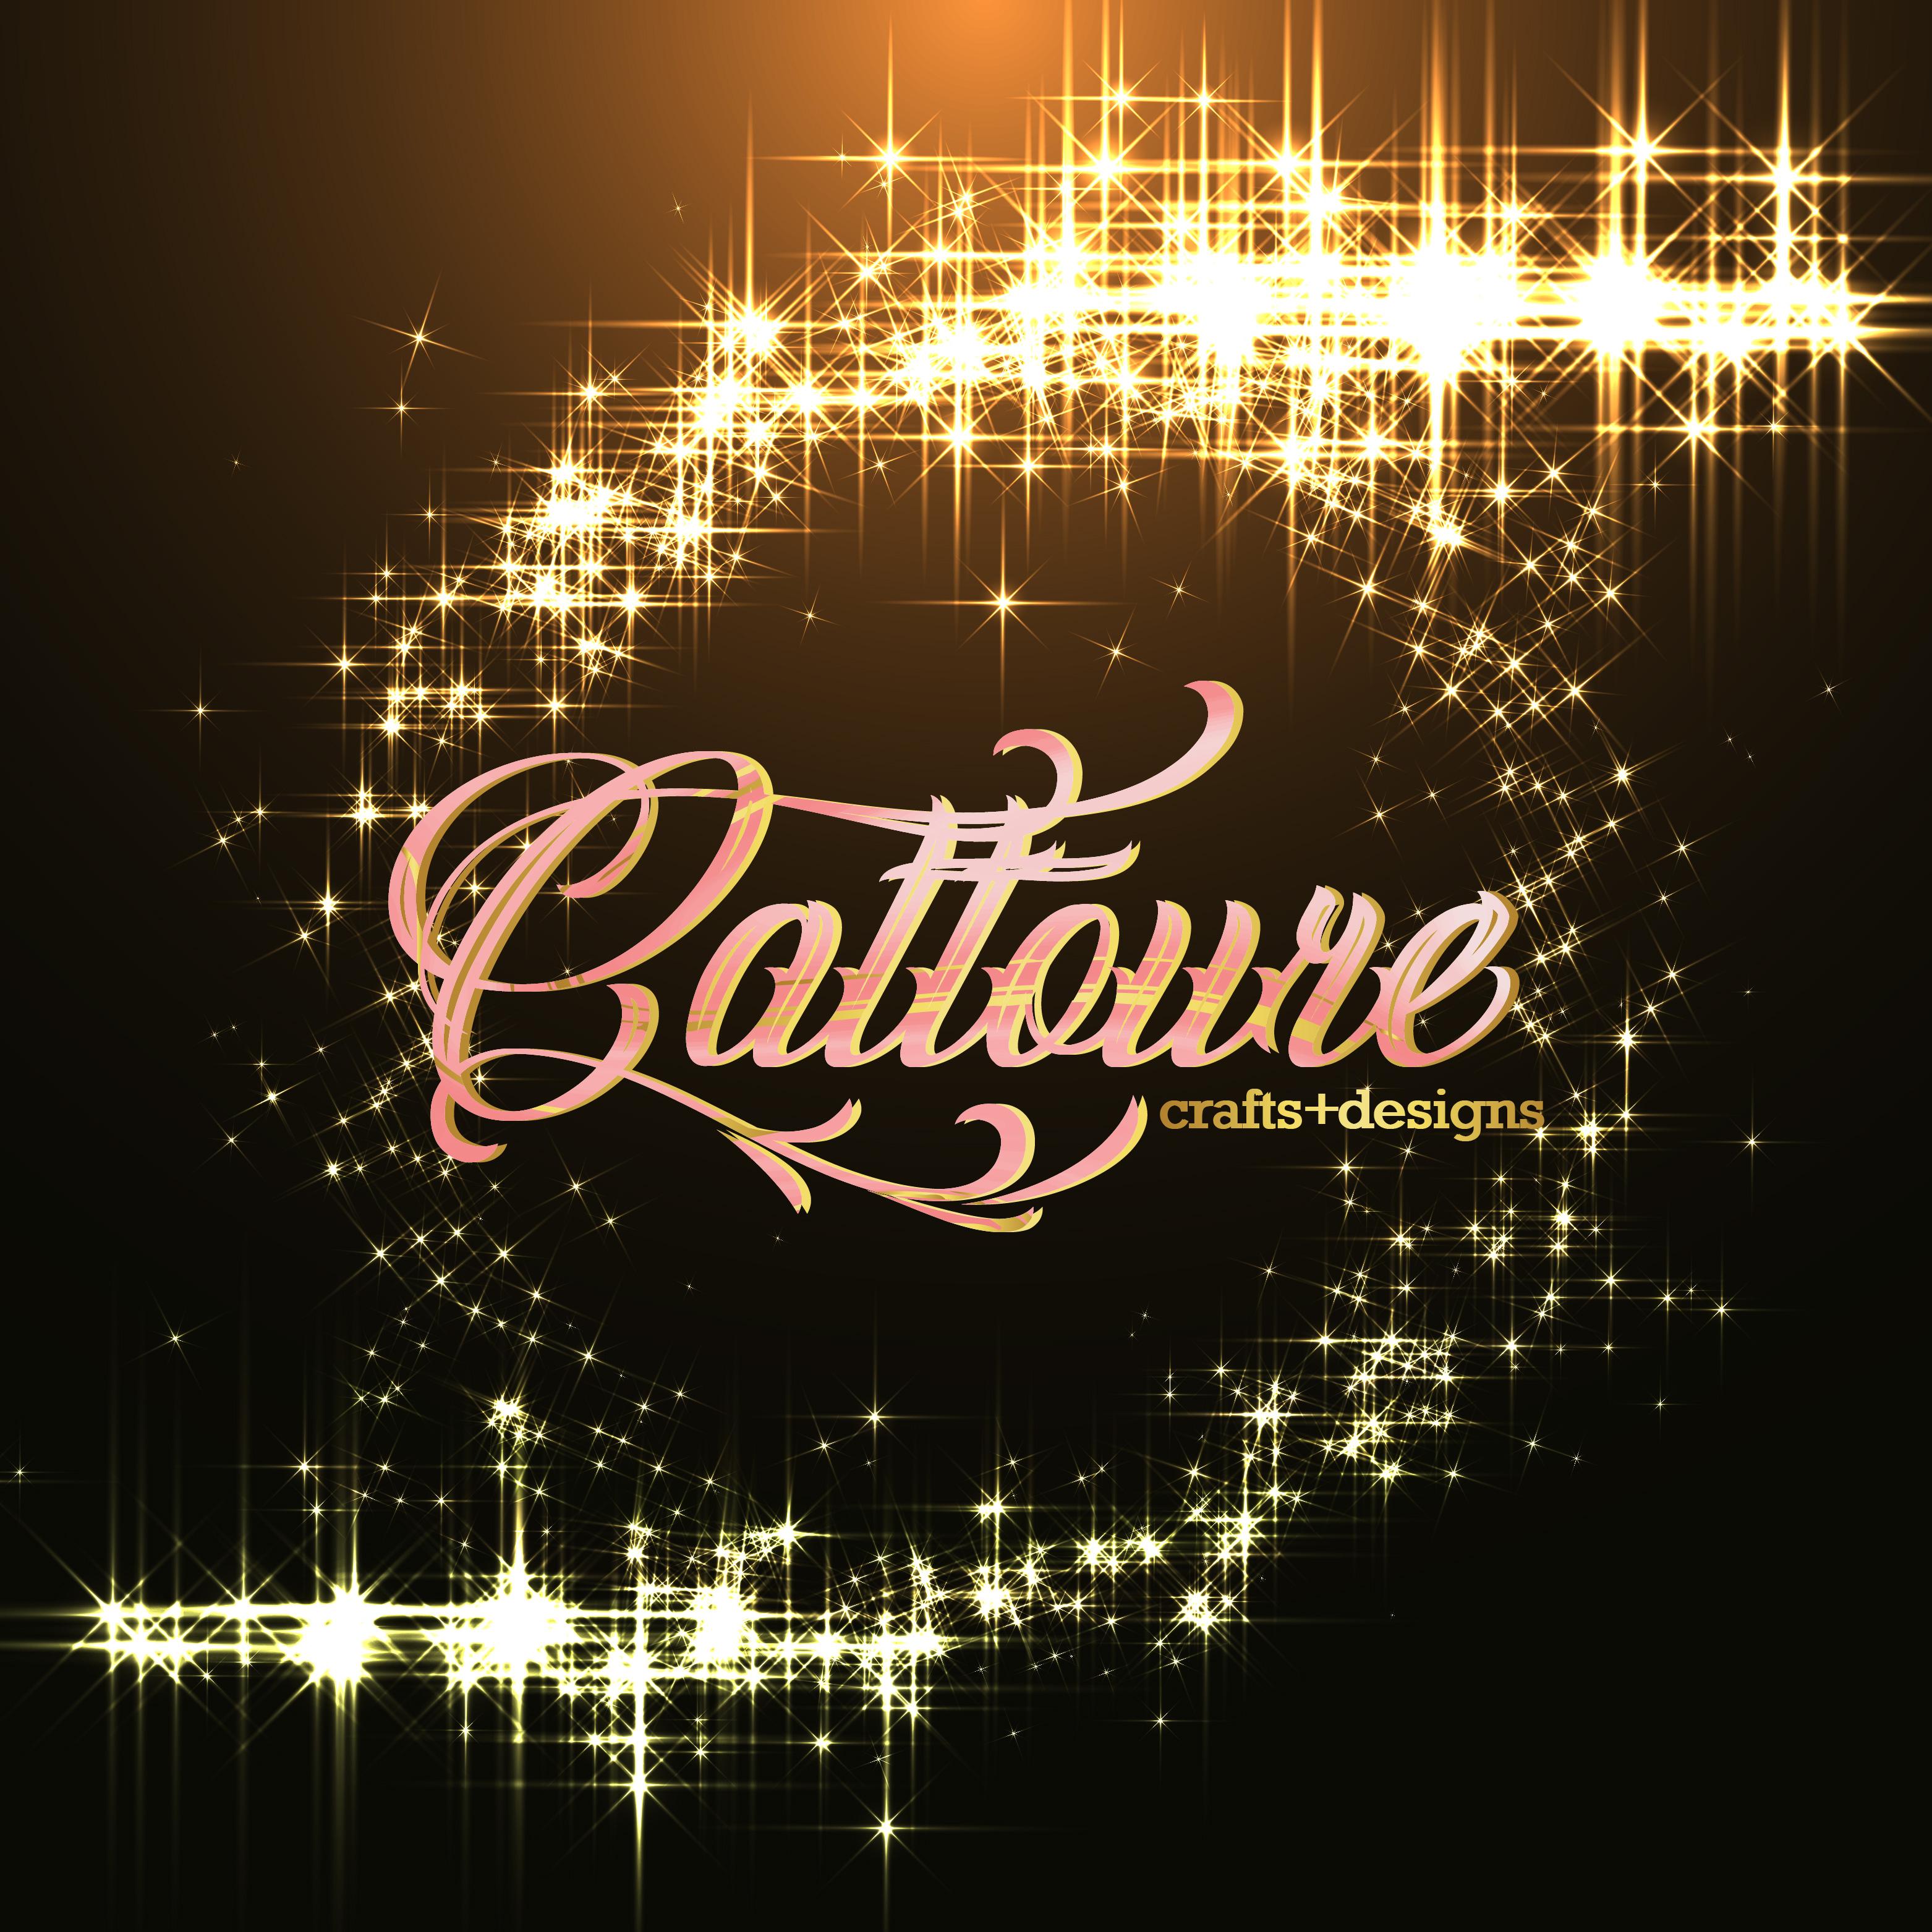 Cattoure2-01